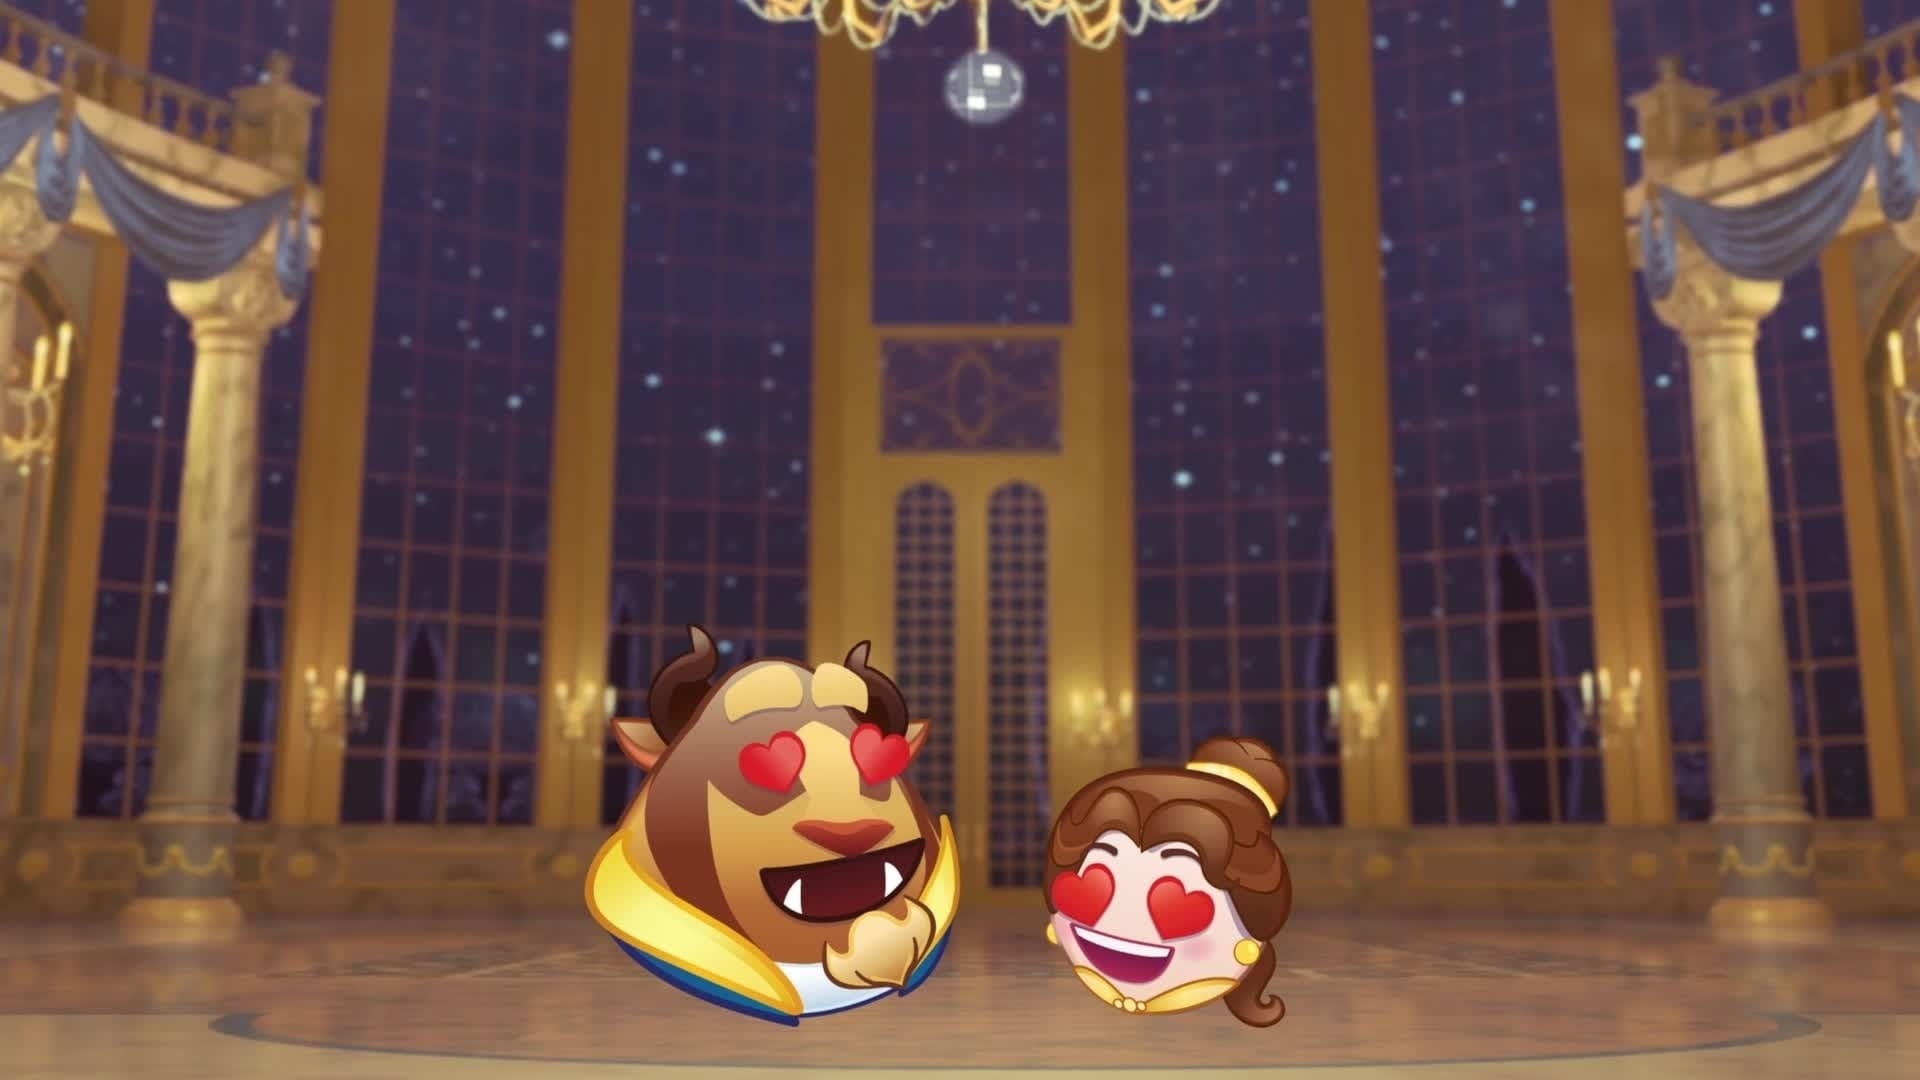 La bella e la bestia raccontata dagli Emoji